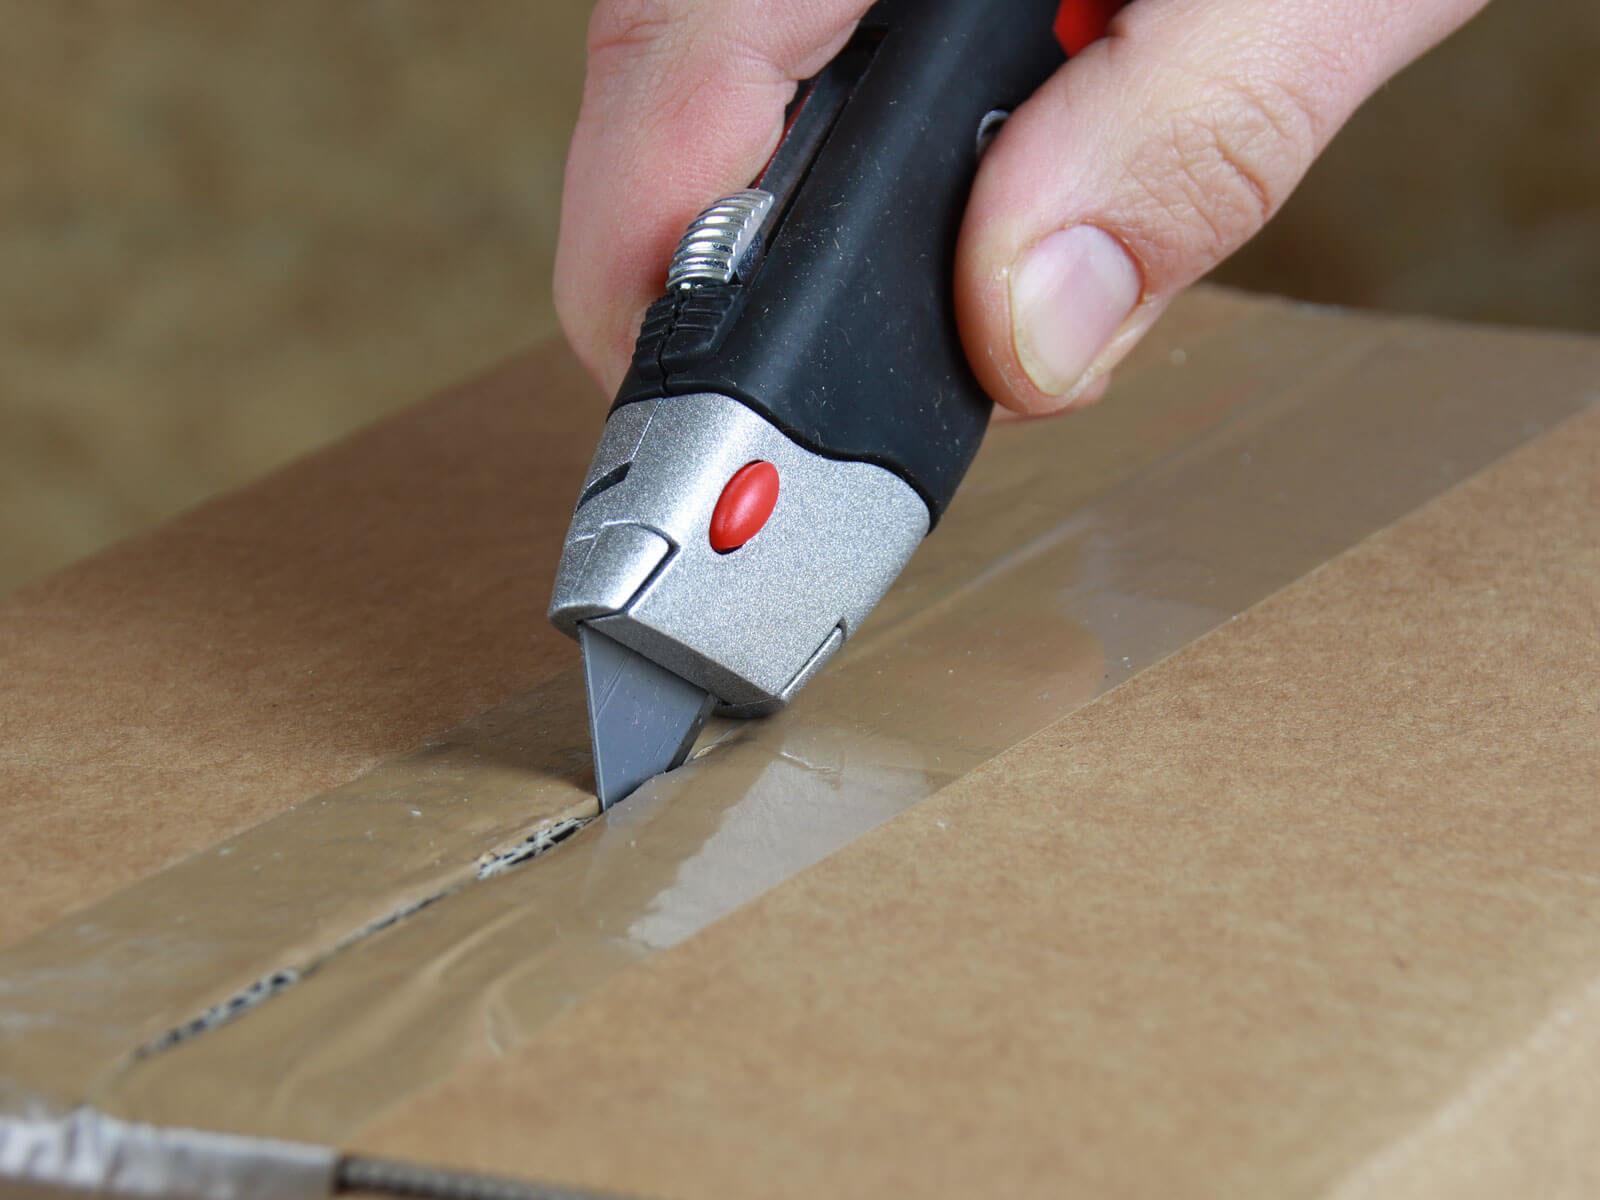 U012 Cuttermesser manueller Klingenrückzug Klebeband schneiden CURT-tools